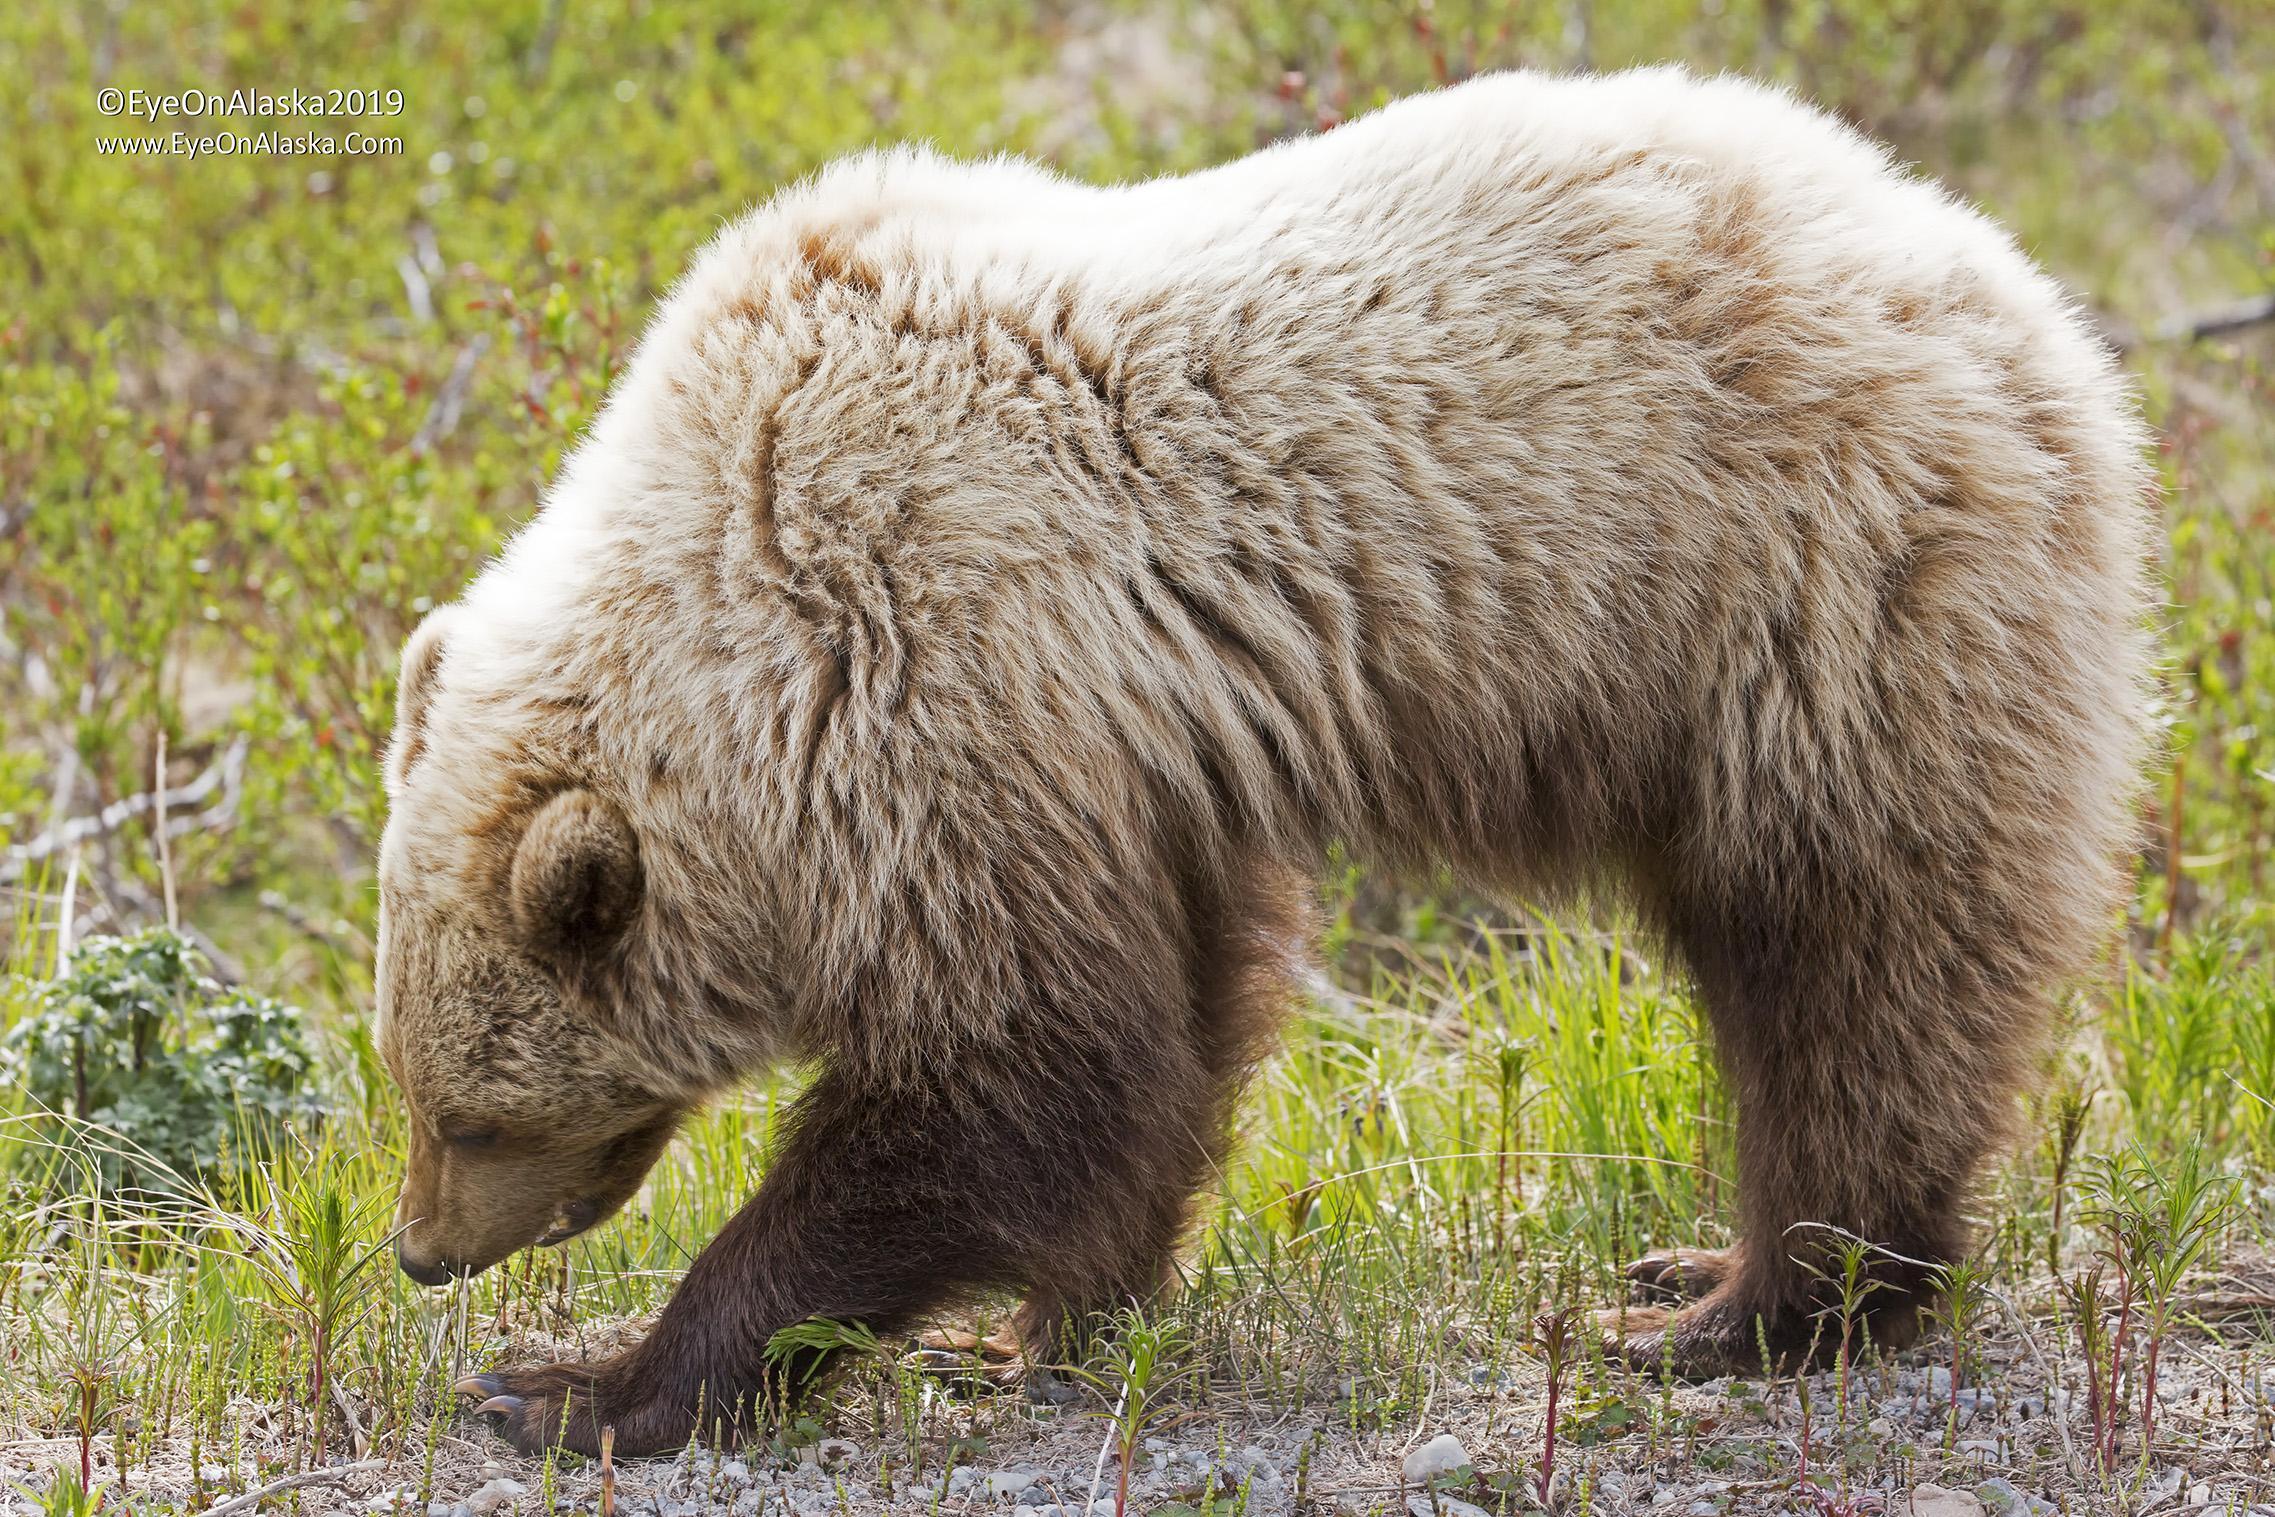 Momma bear.